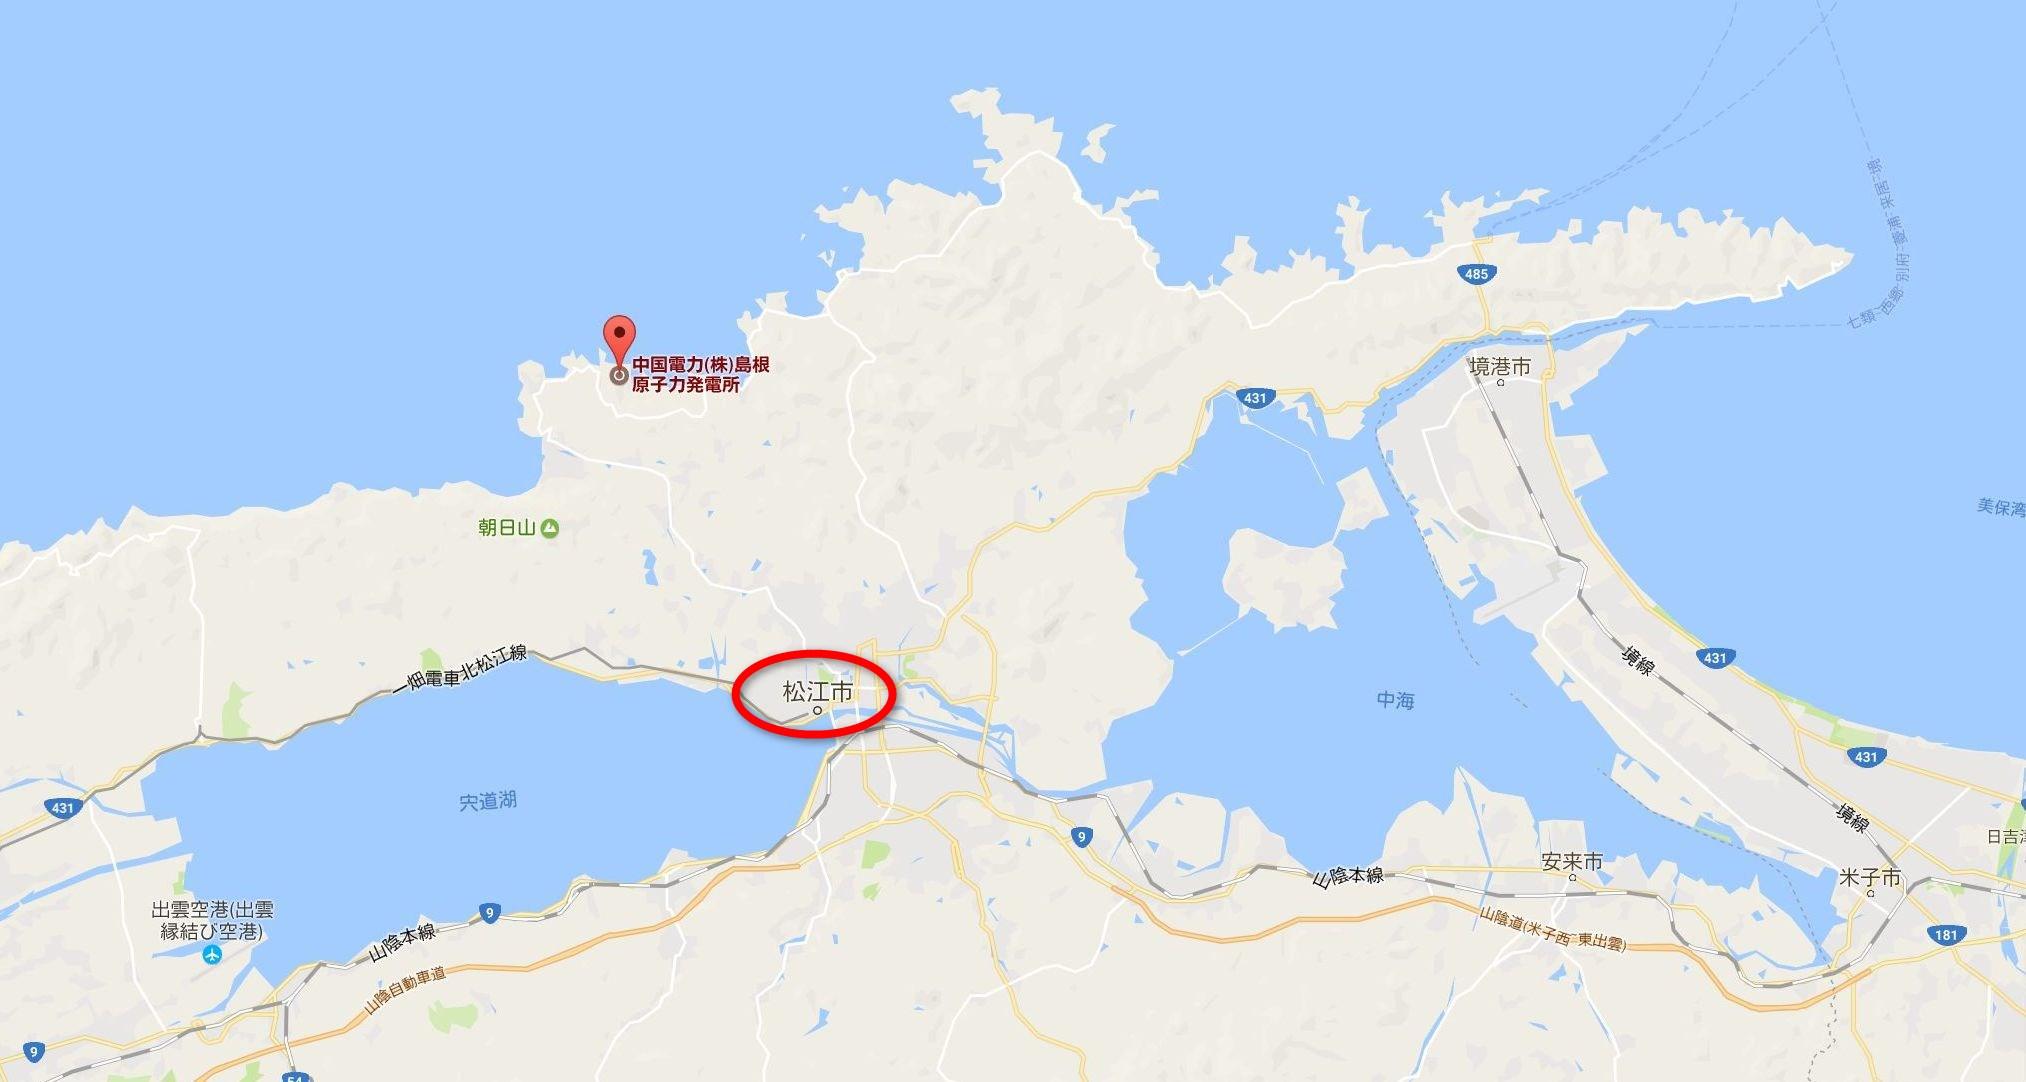 松江市と島根原発の位置関係